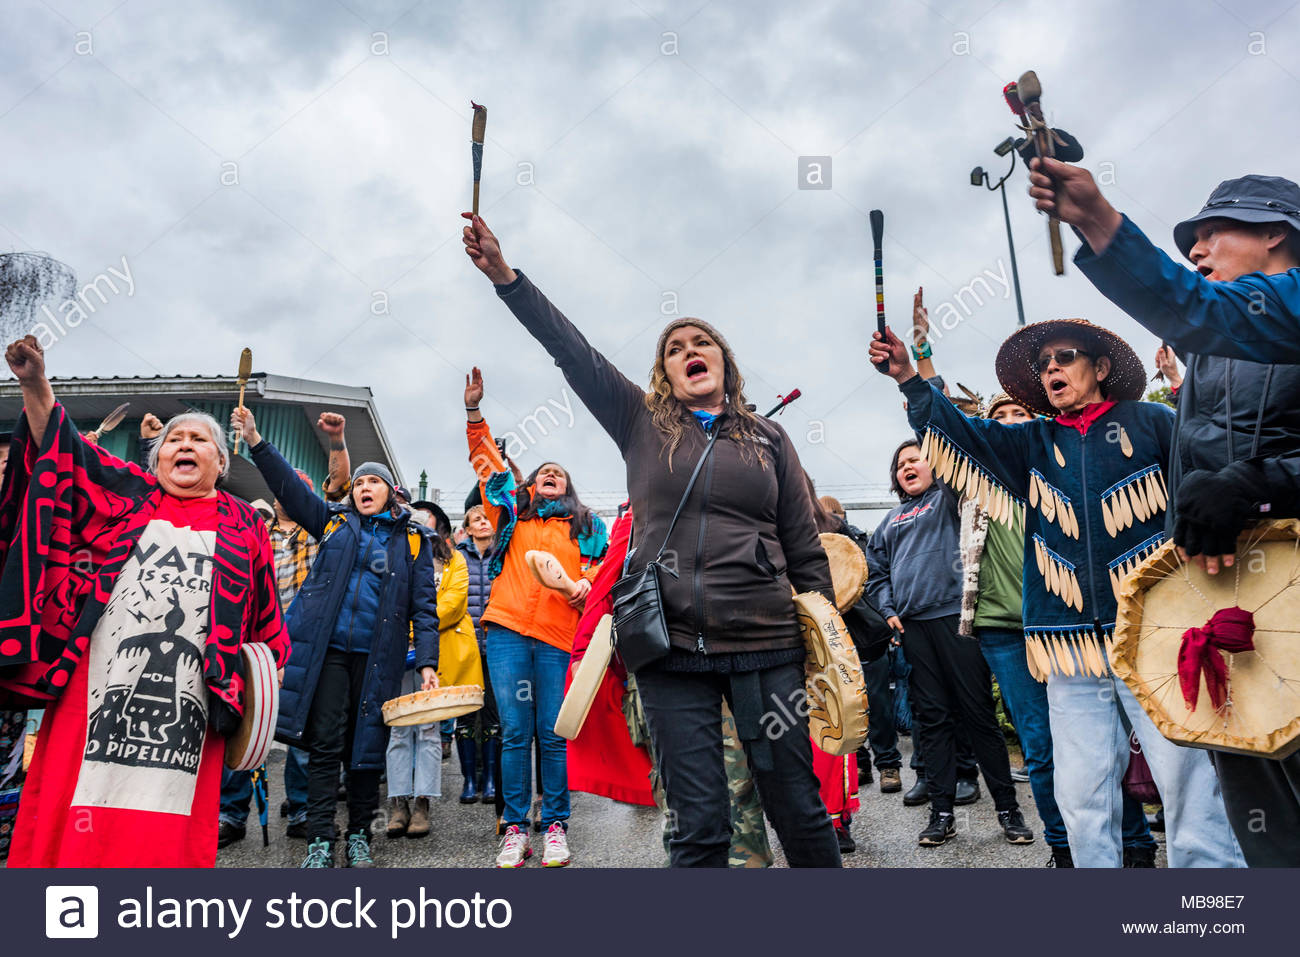 Les tambours au blocage de l'entrée du pipeline de Kinder Morgan, Mont Burnaby, Burnaby, Colombie-Britannique, Canada. Photo Stock